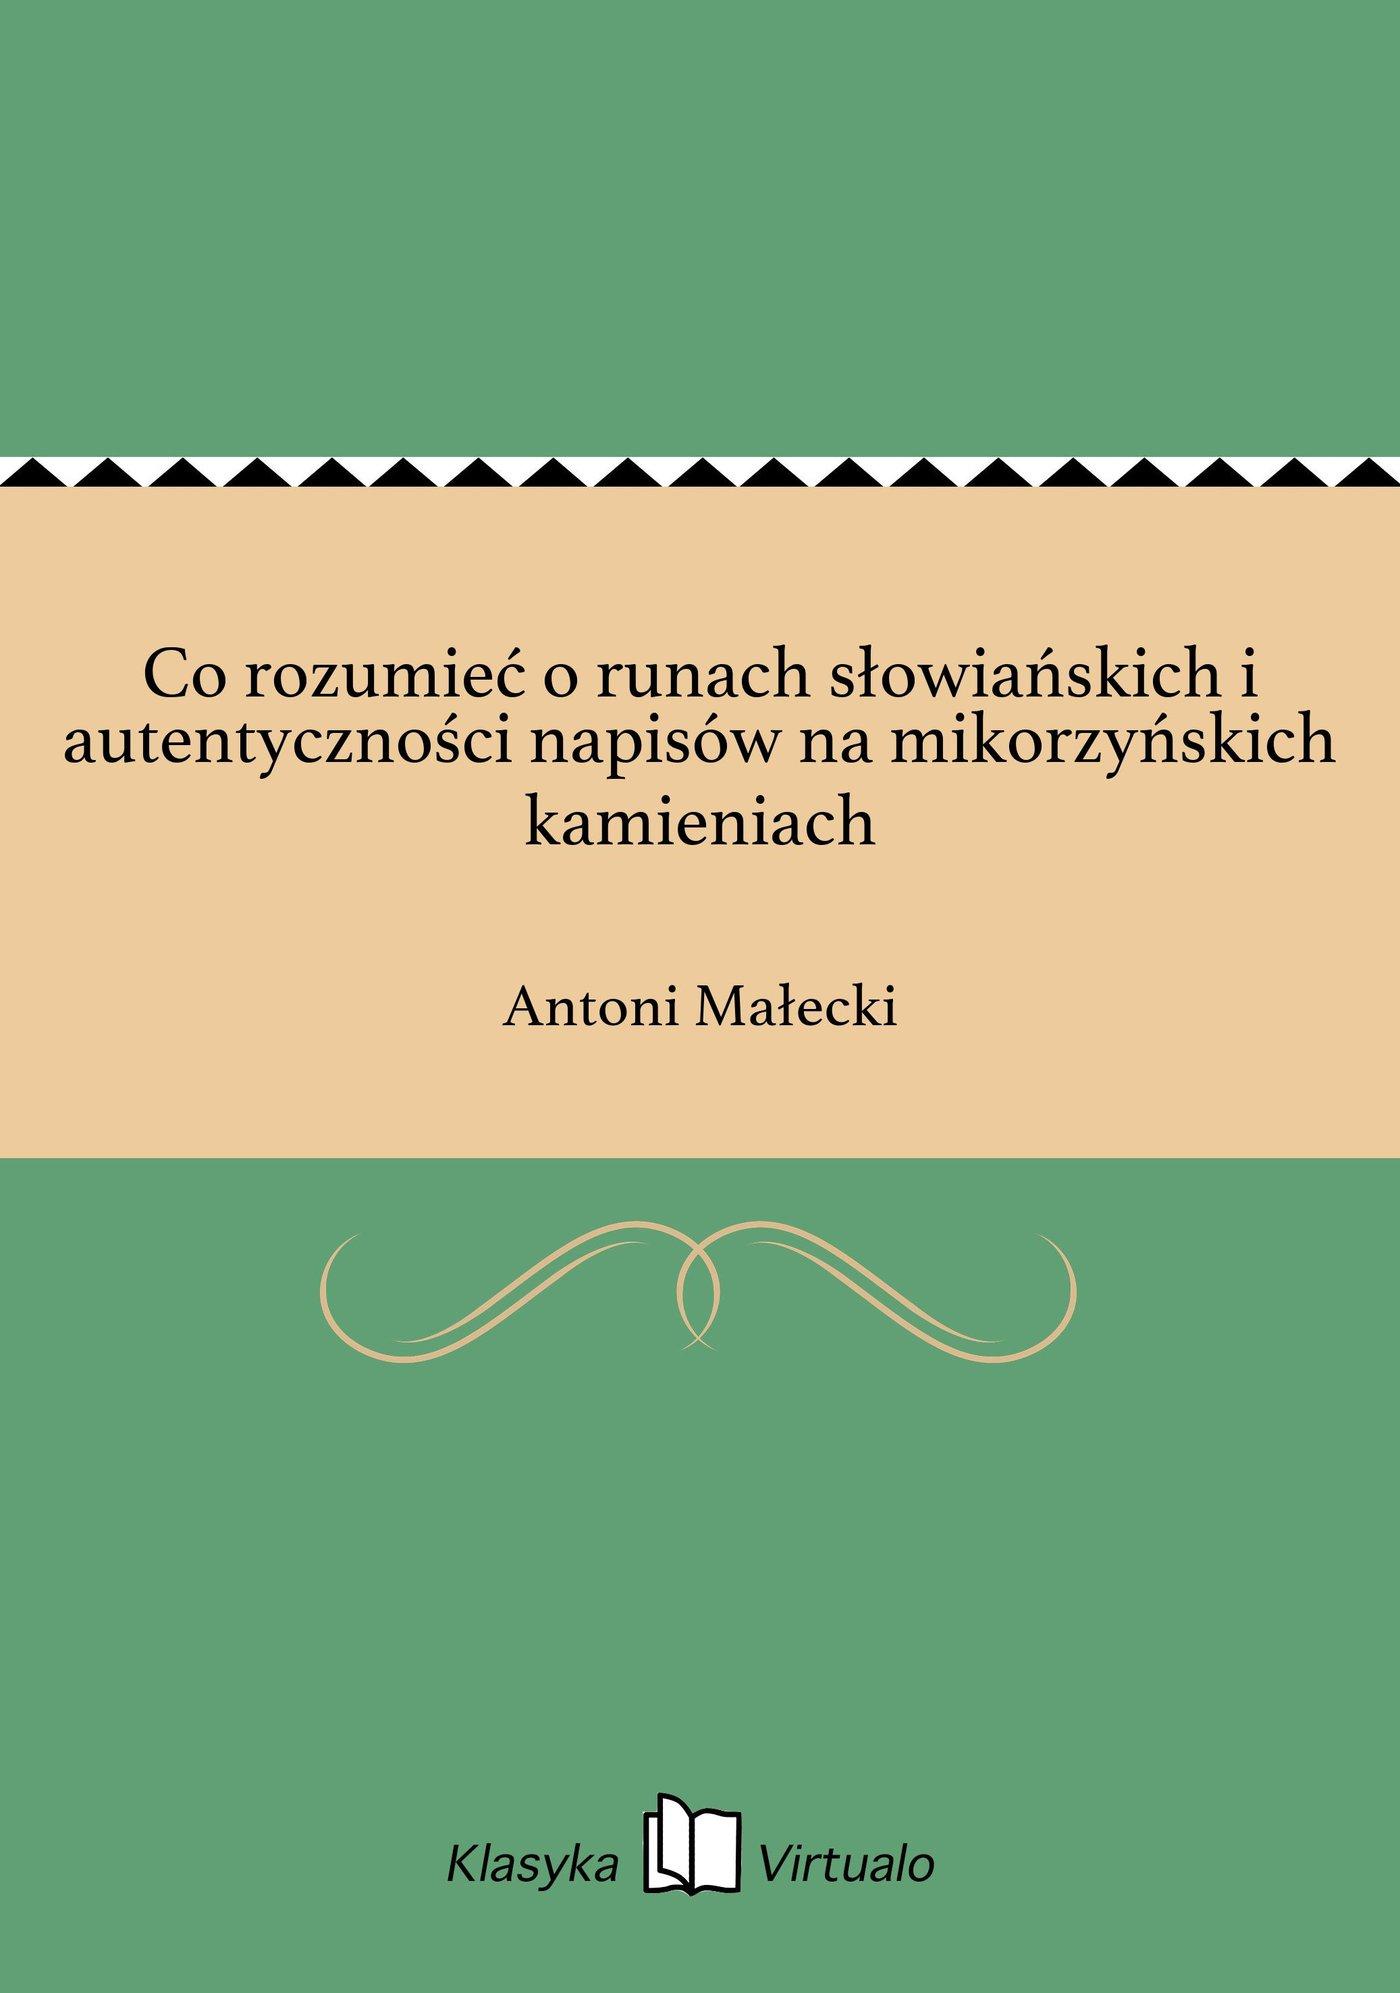 Co rozumieć o runach słowiańskich i autentyczności napisów na mikorzyńskich kamieniach - Ebook (Książka na Kindle) do pobrania w formacie MOBI